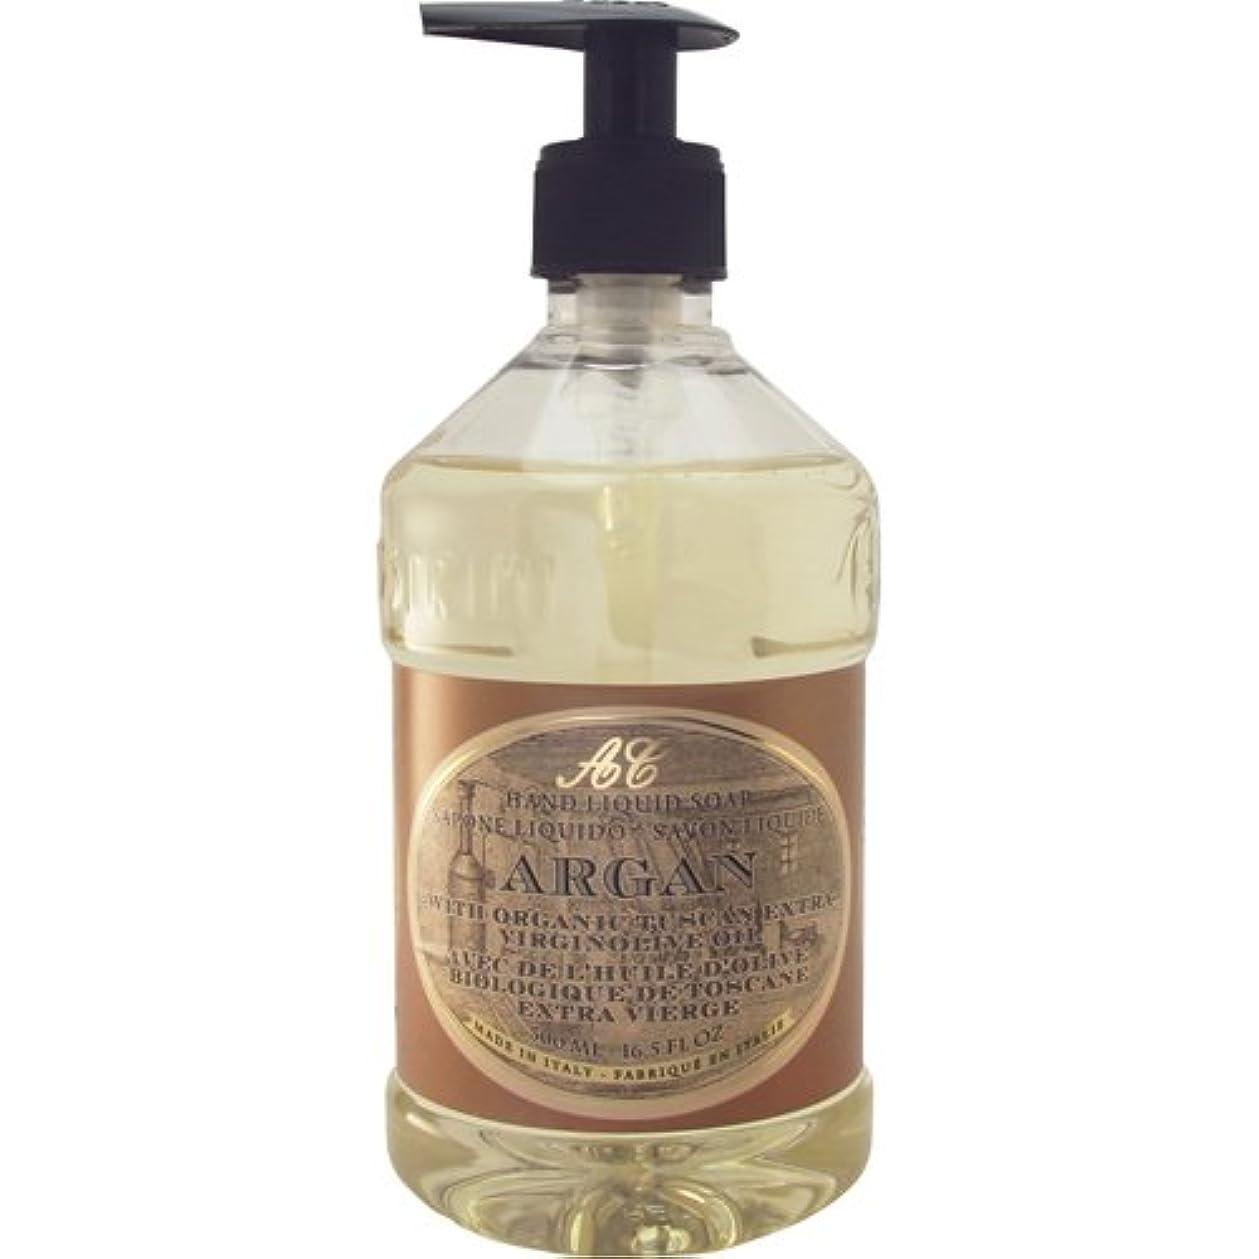 パーセント貧しい付与Saponerire Fissi レトロシリーズ Liquid Soap リキッドソープ 500ml Argan アルガンオイル